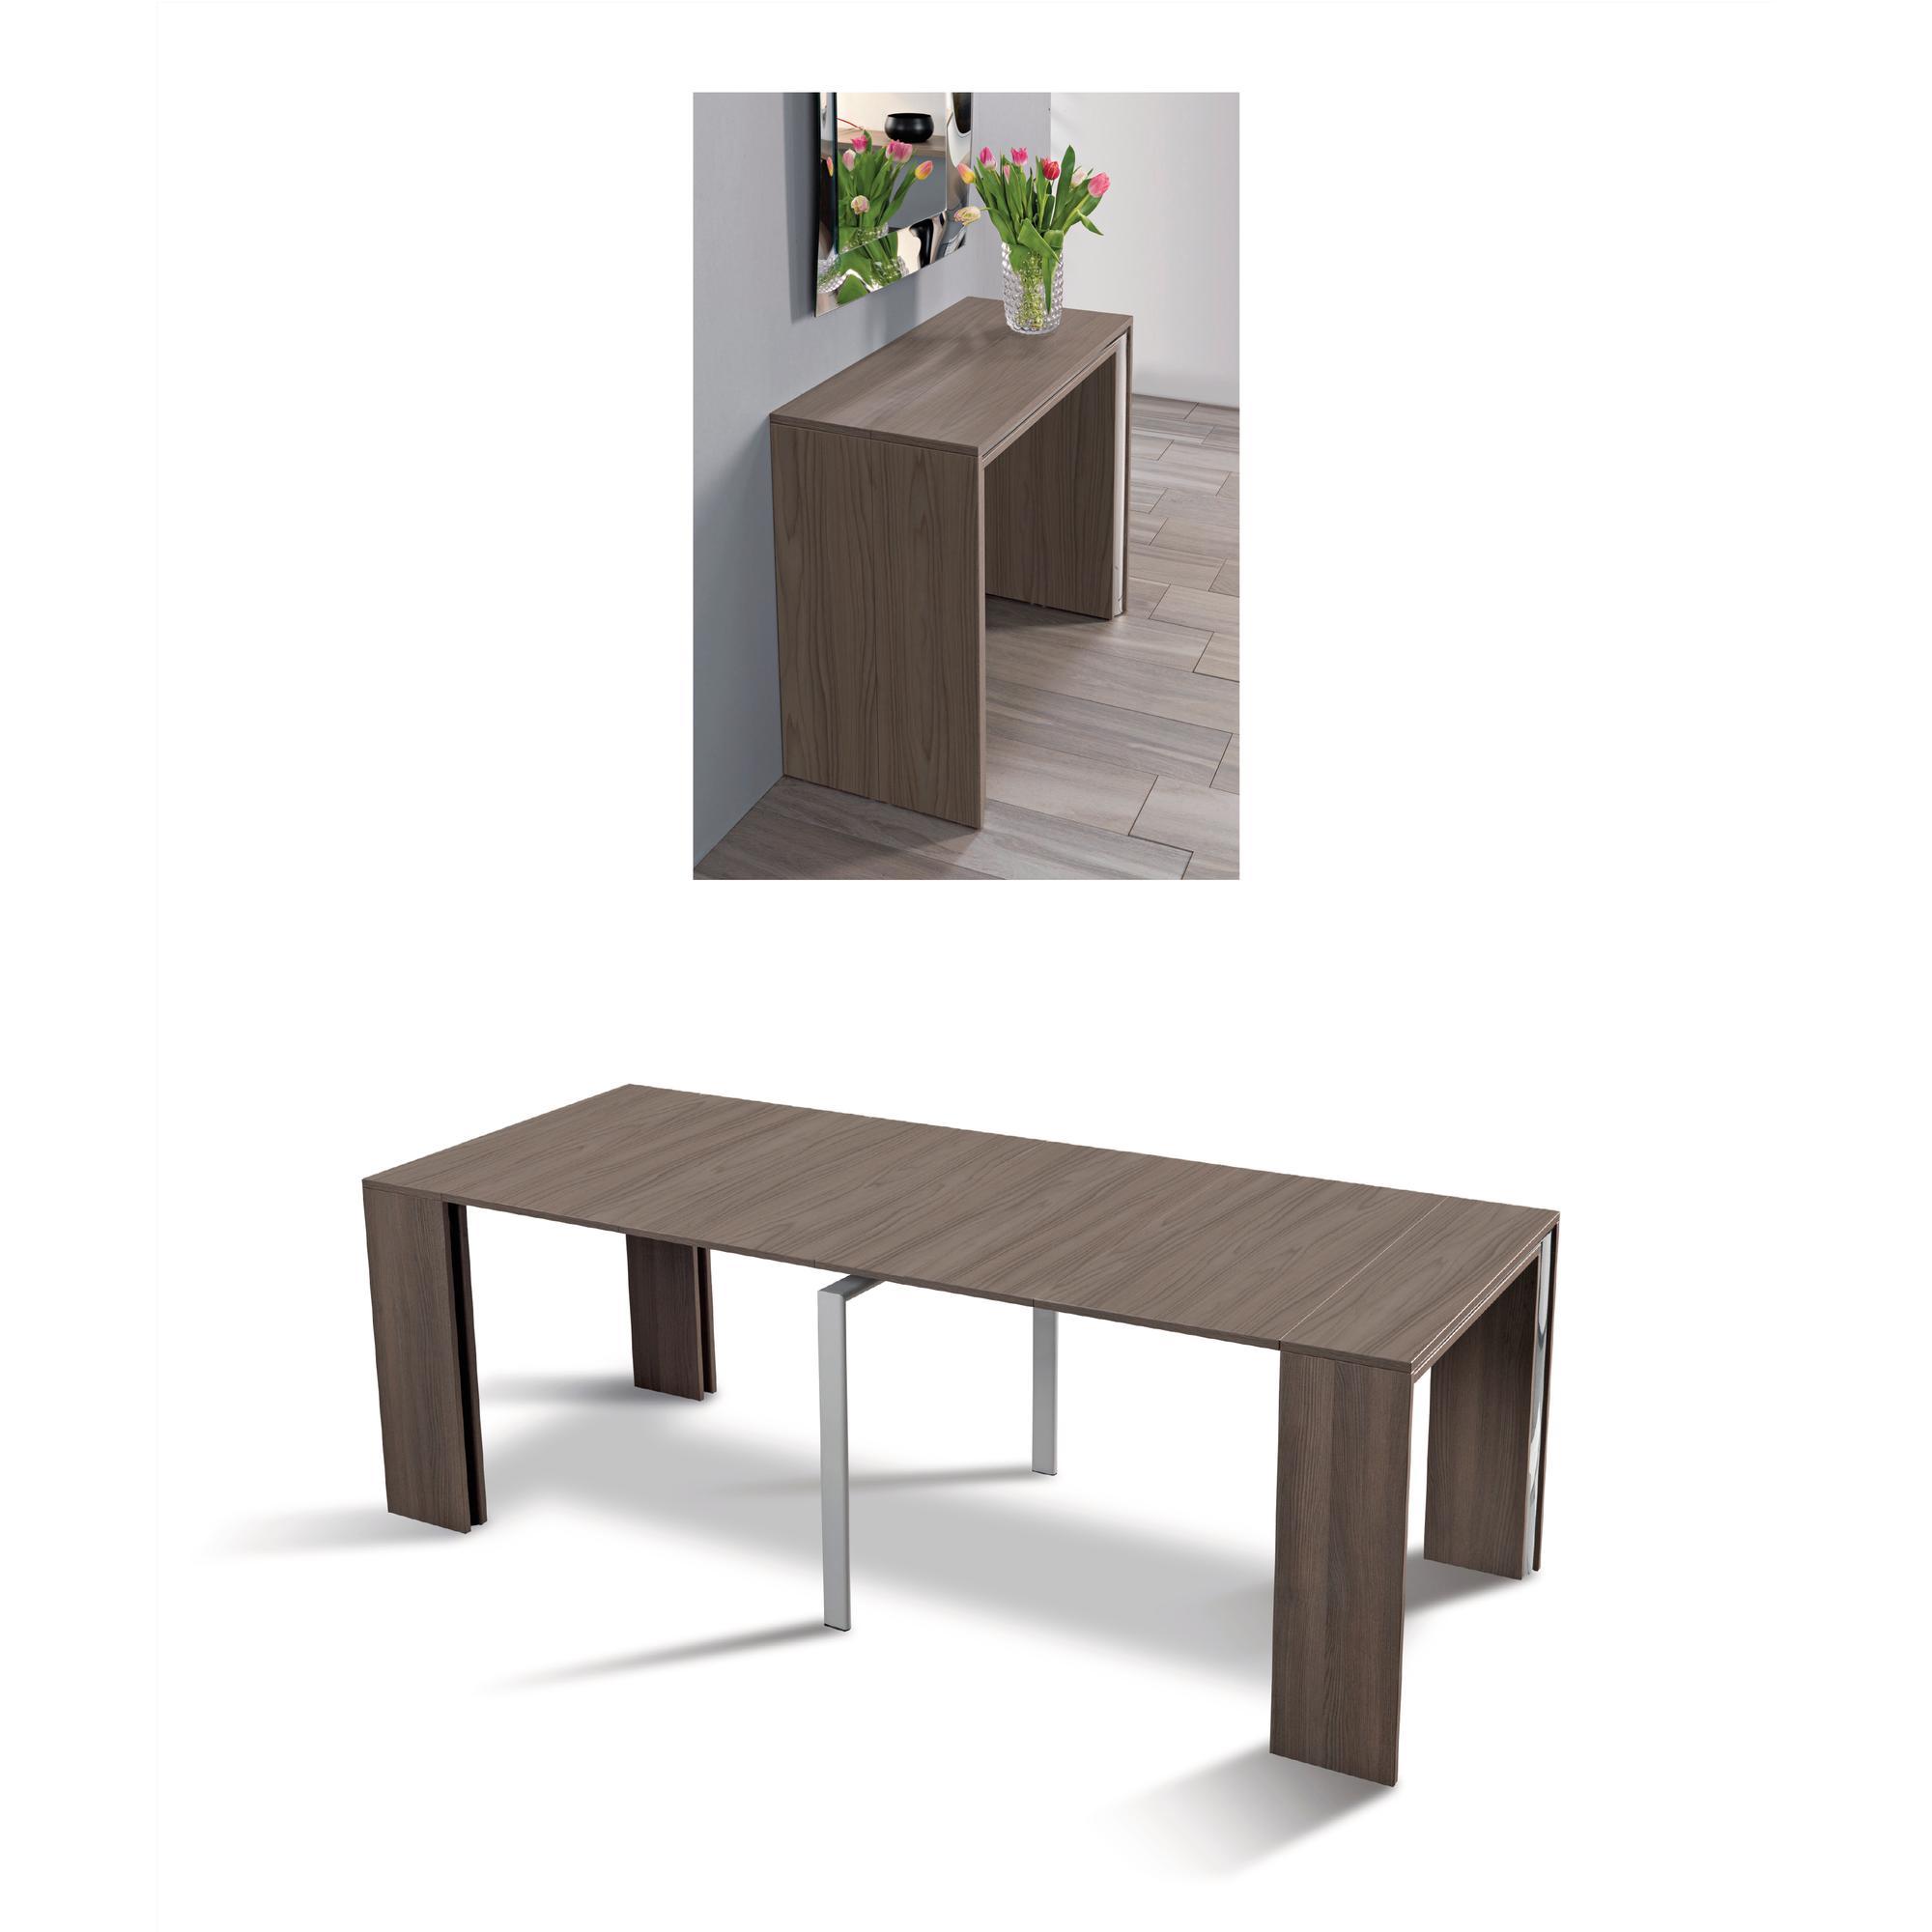 Tavolo consolle allungabile richiudibile in soli 50 cm - Tavolo richiudibile in legno ...